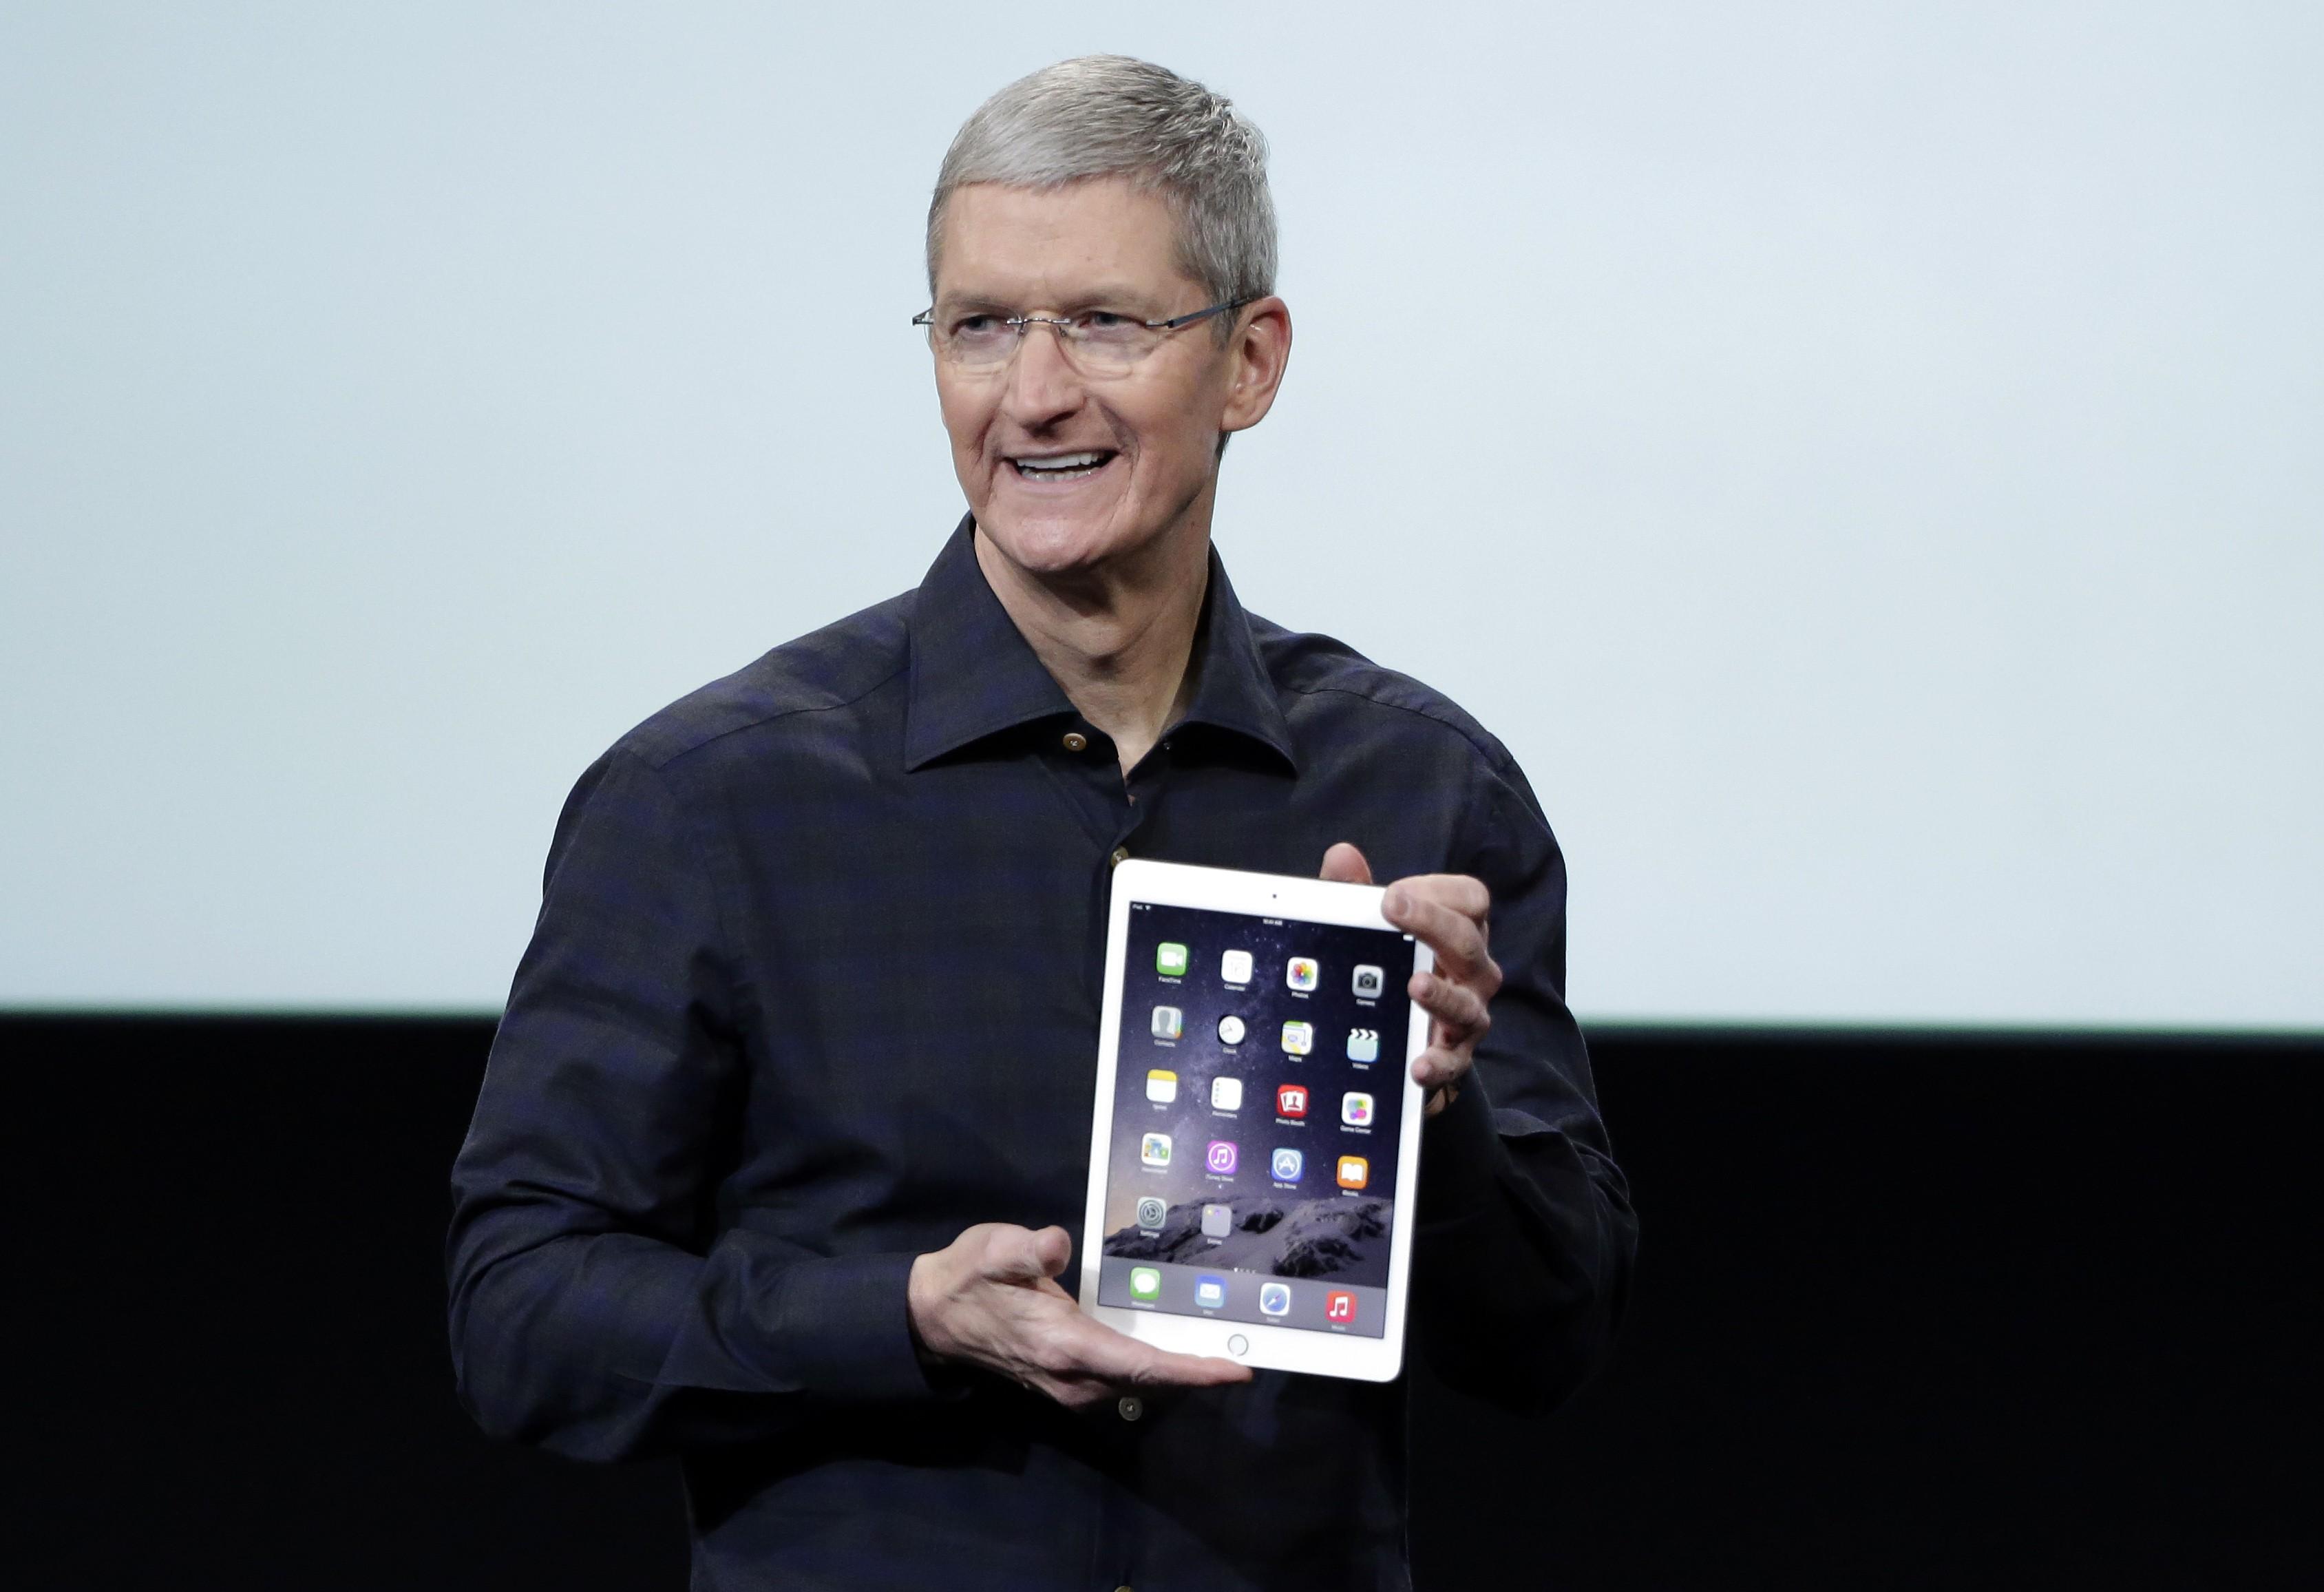 ipadair2 big3 - iPad Air 2: Bạn có nên mua?